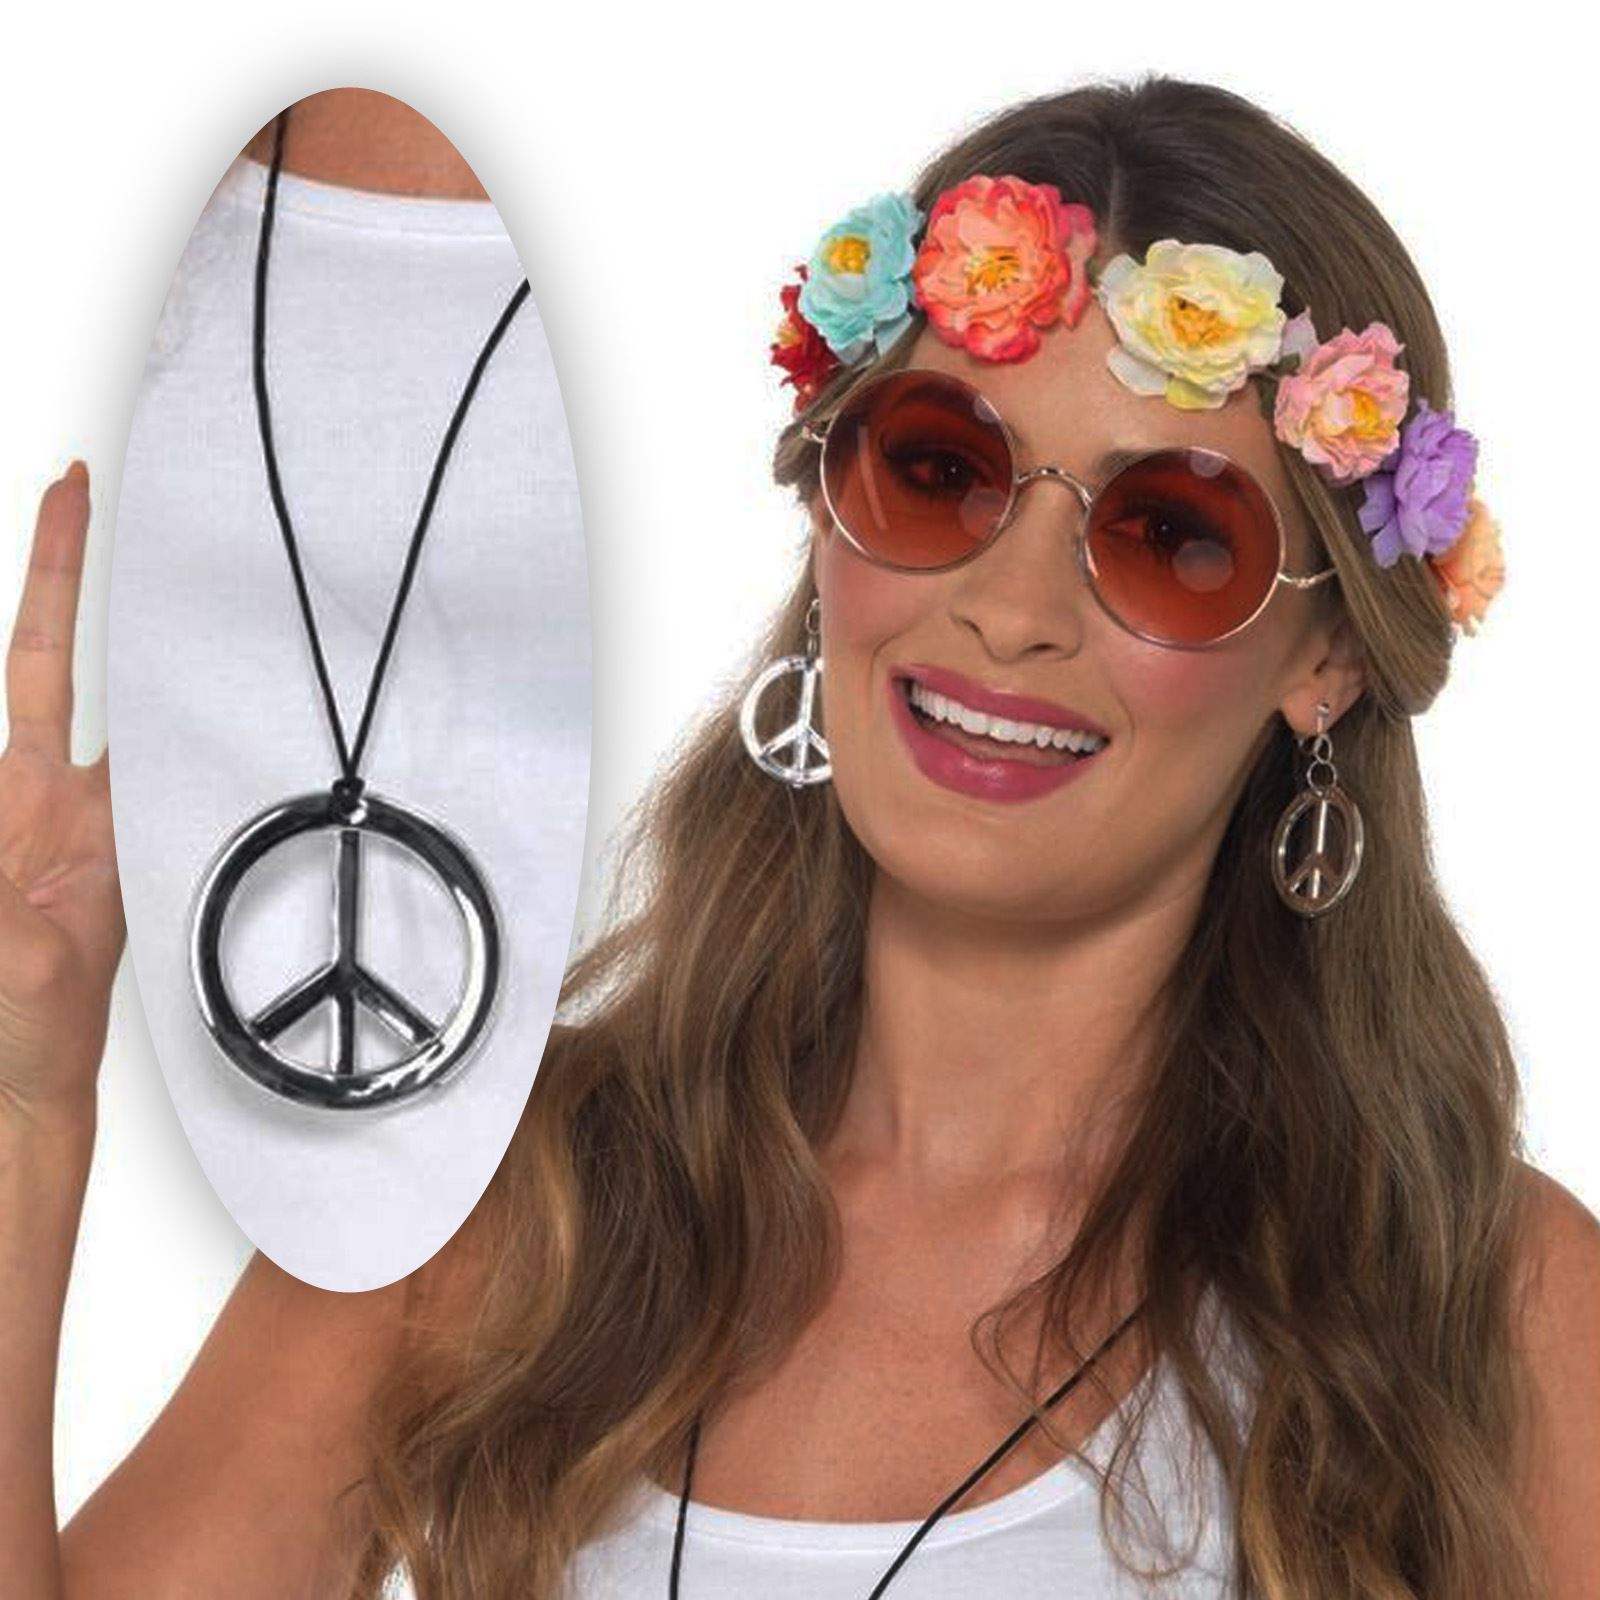 Détails sur Hippie Fille Ensemble Fleur Bandeau Rose Rond Lunettes Paix Collier Boucles